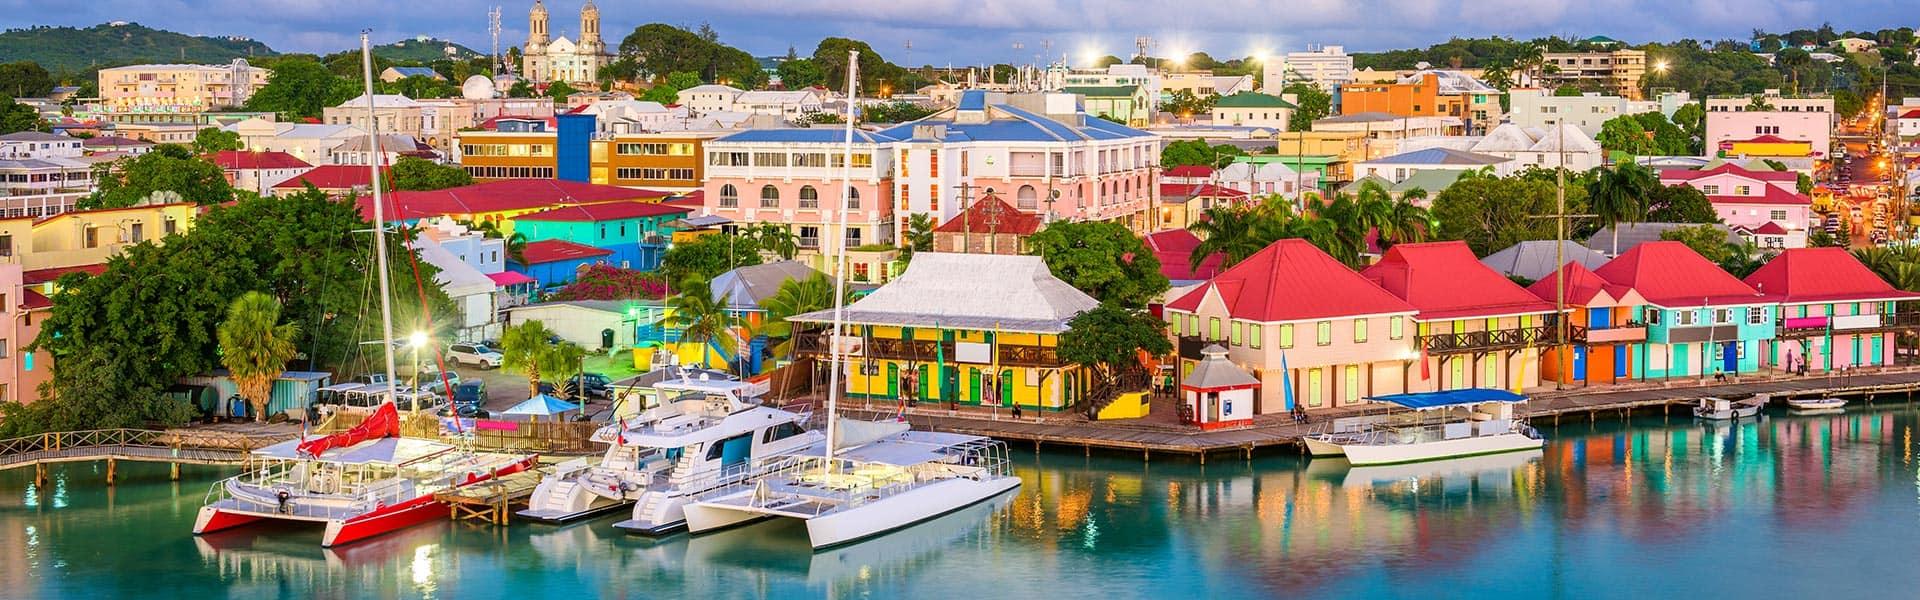 שייט הלוך ושוב לאיים הקריביים מניו יורק: הרפובליקה הדומיניקנית וסן חואן